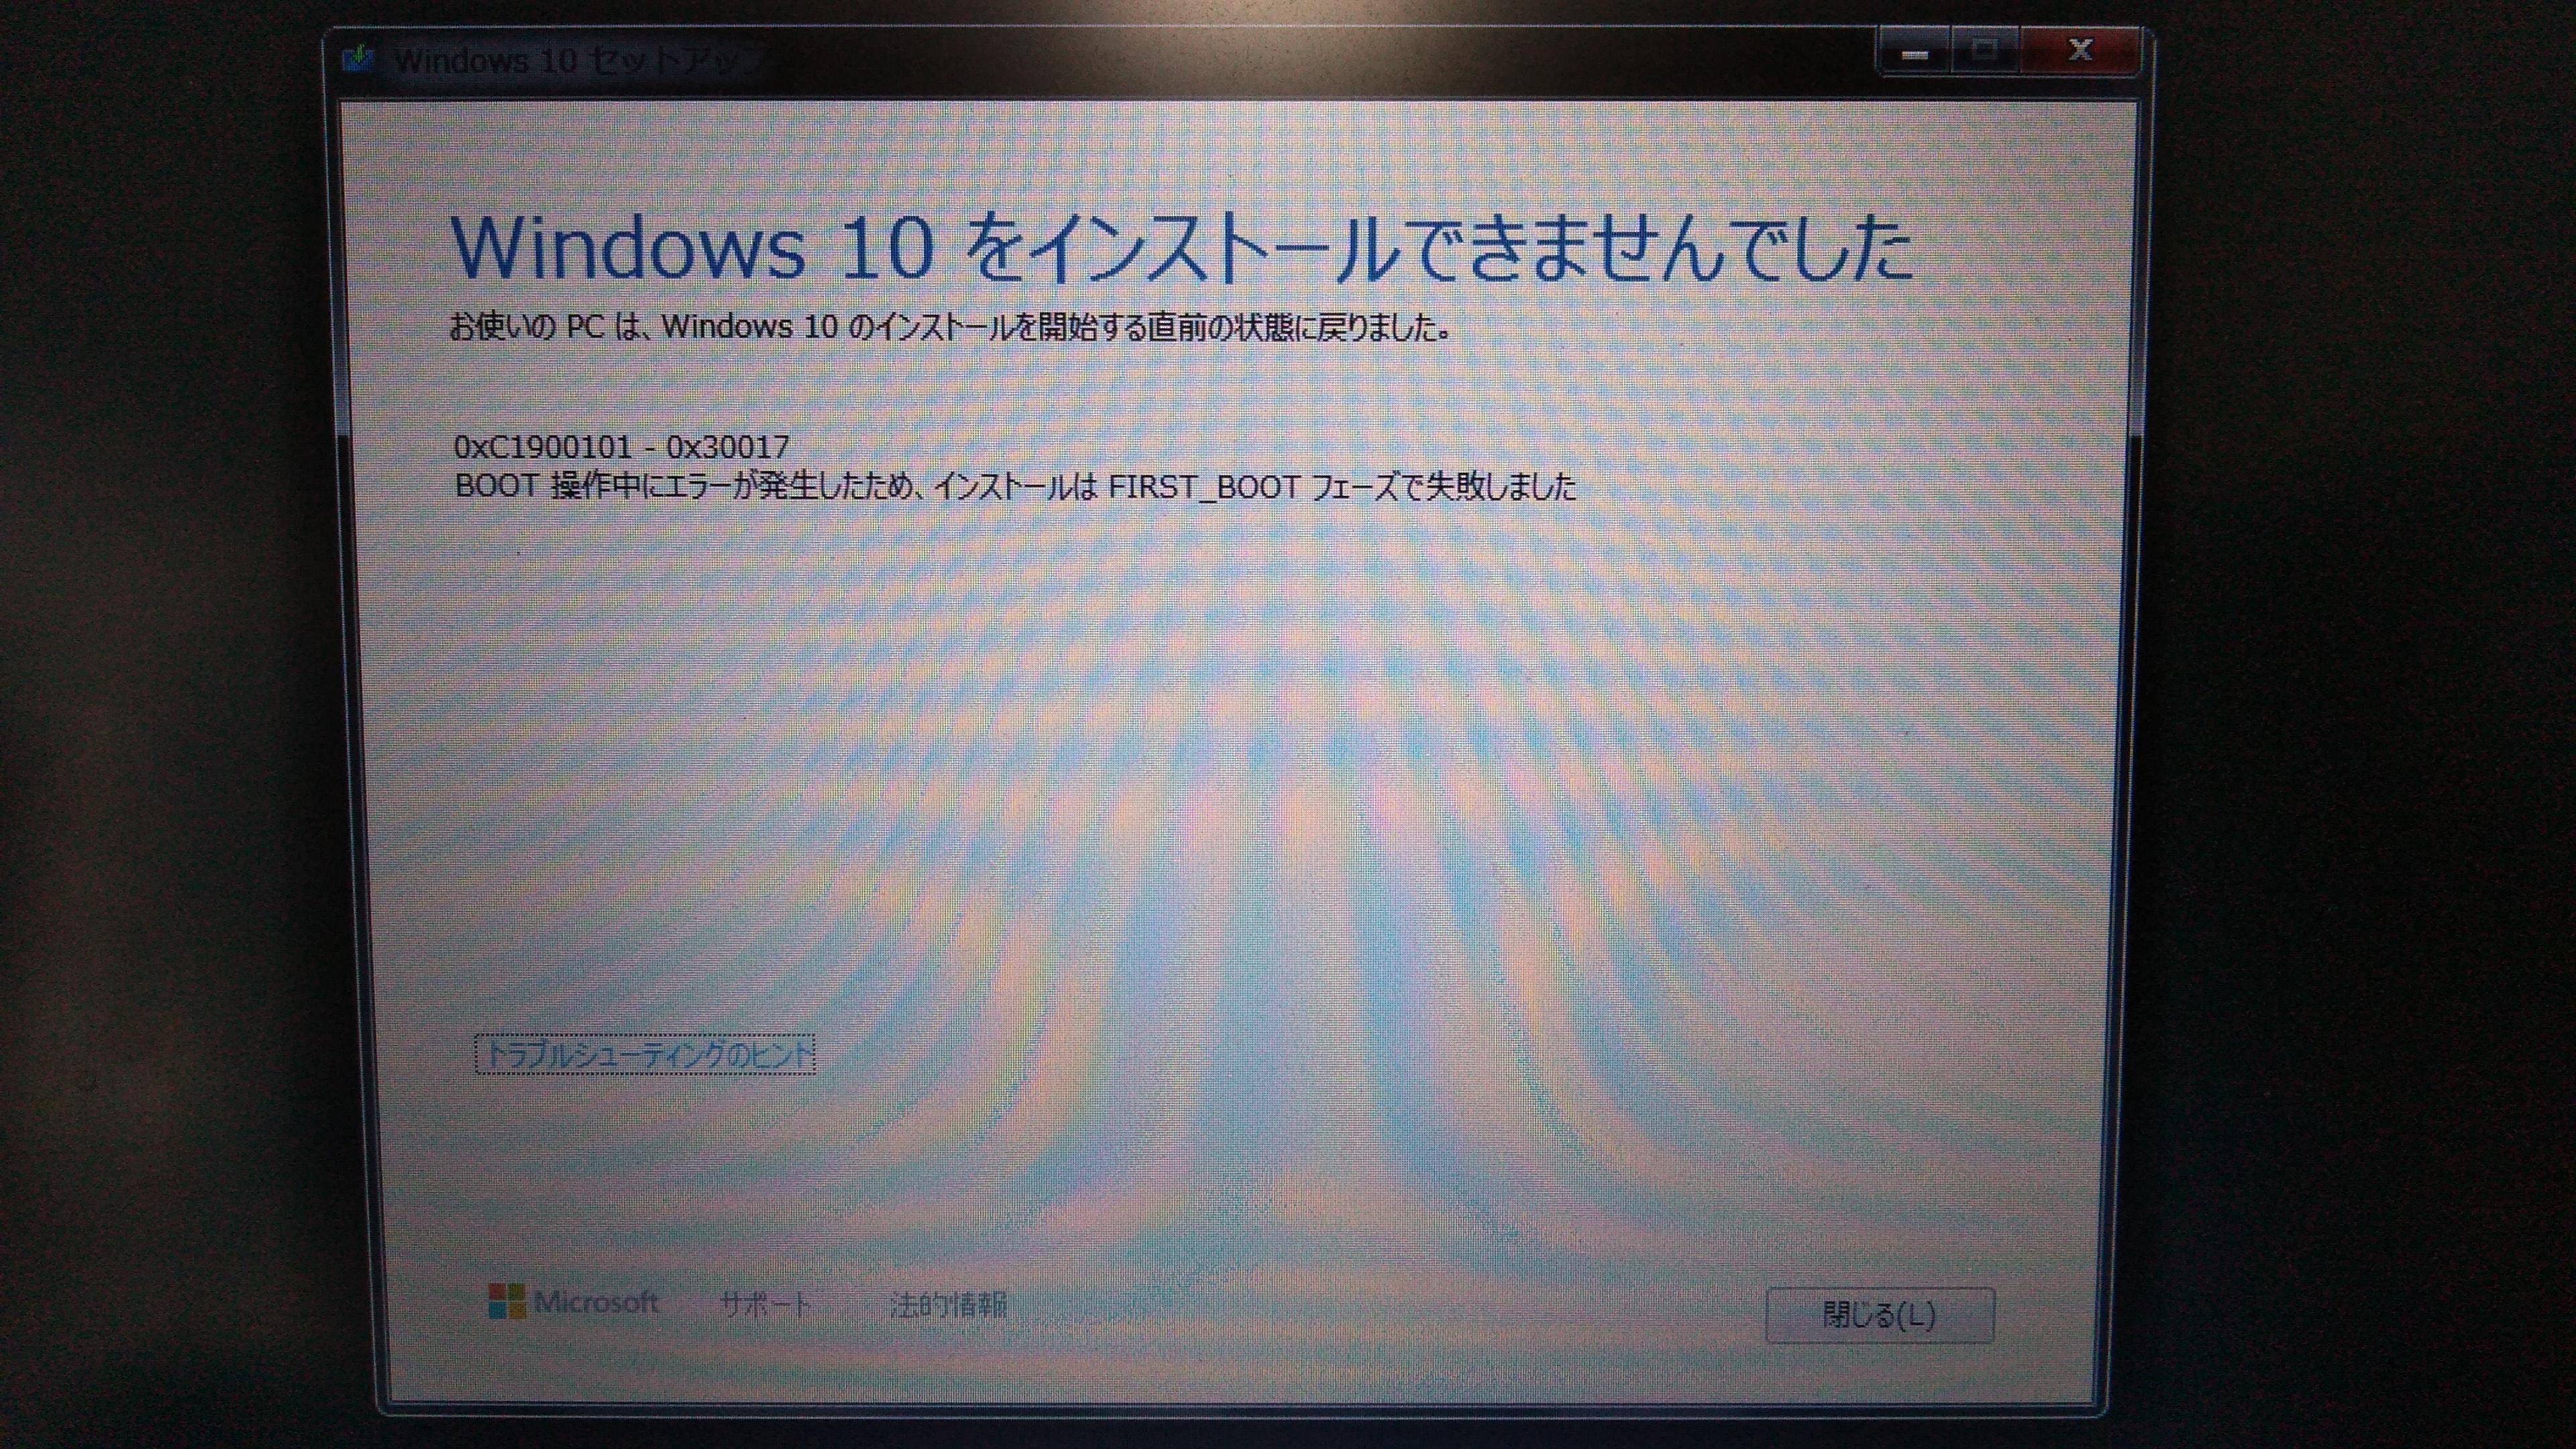 Windows 10 をインストールできませんでした